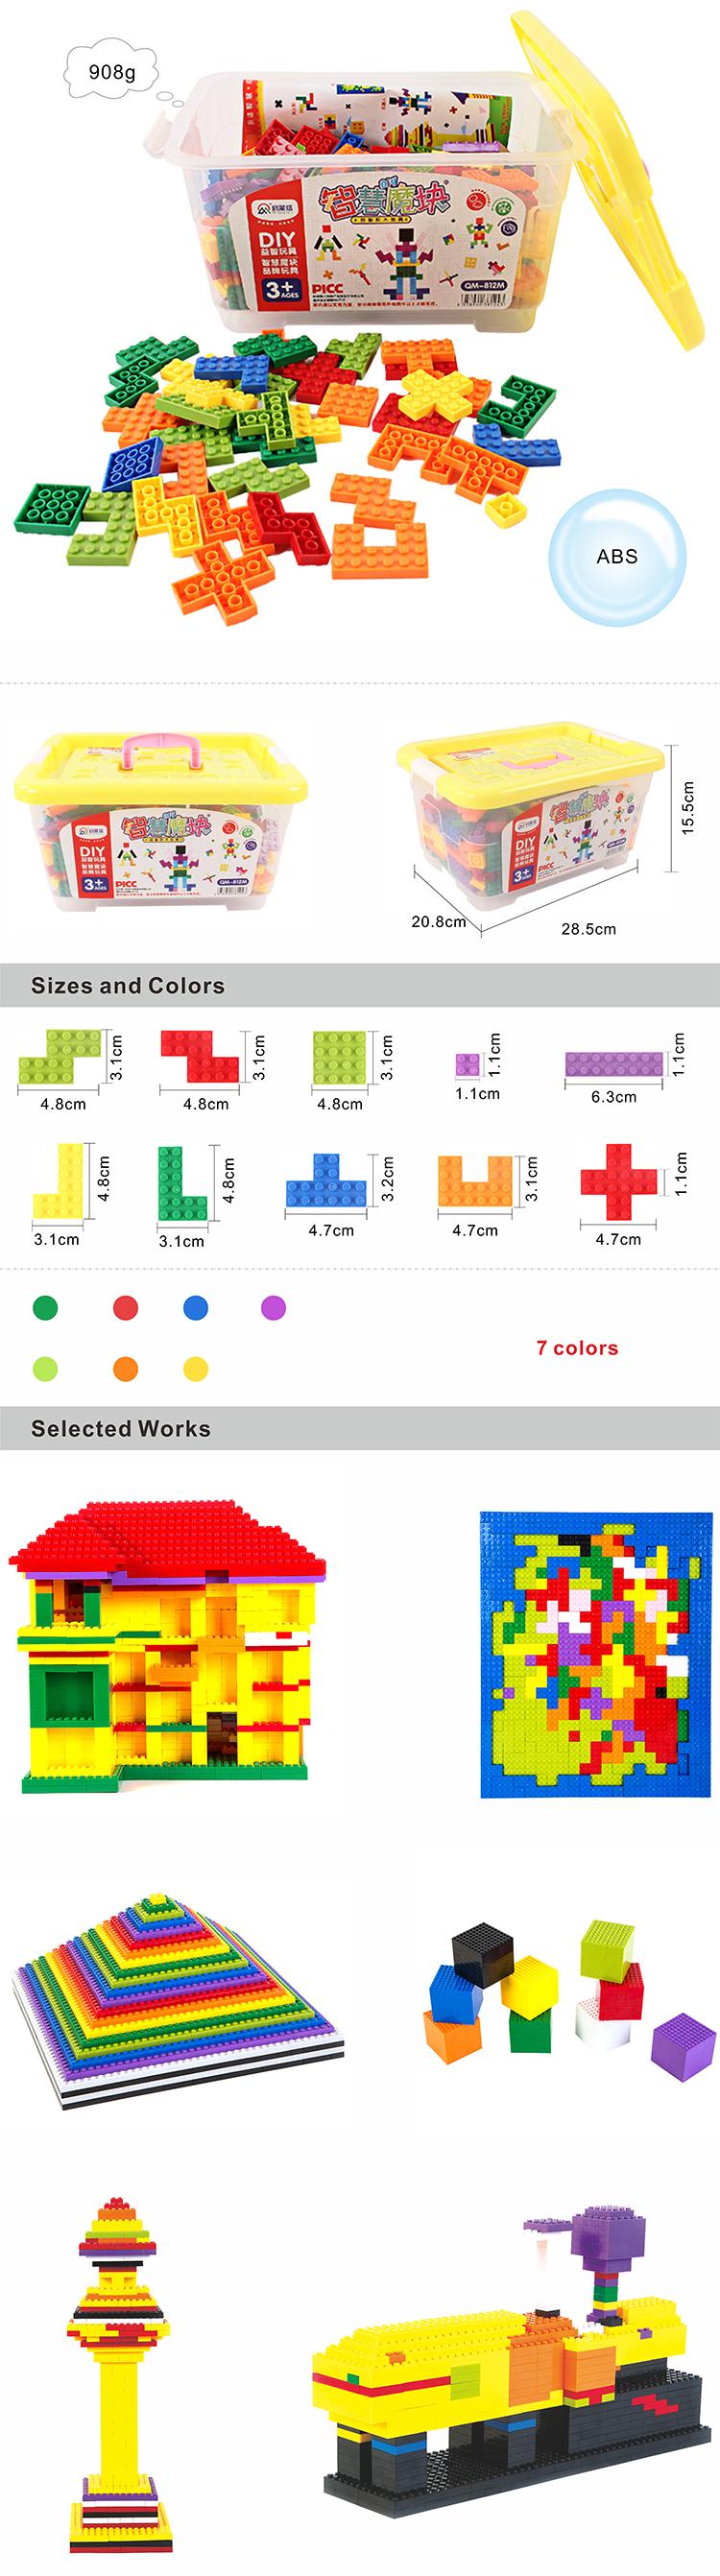 ราคาถูกที่กำหนดเองออกแบบ Tetris Intelligence Building Block เด็กโมเสคไม้ของเล่น